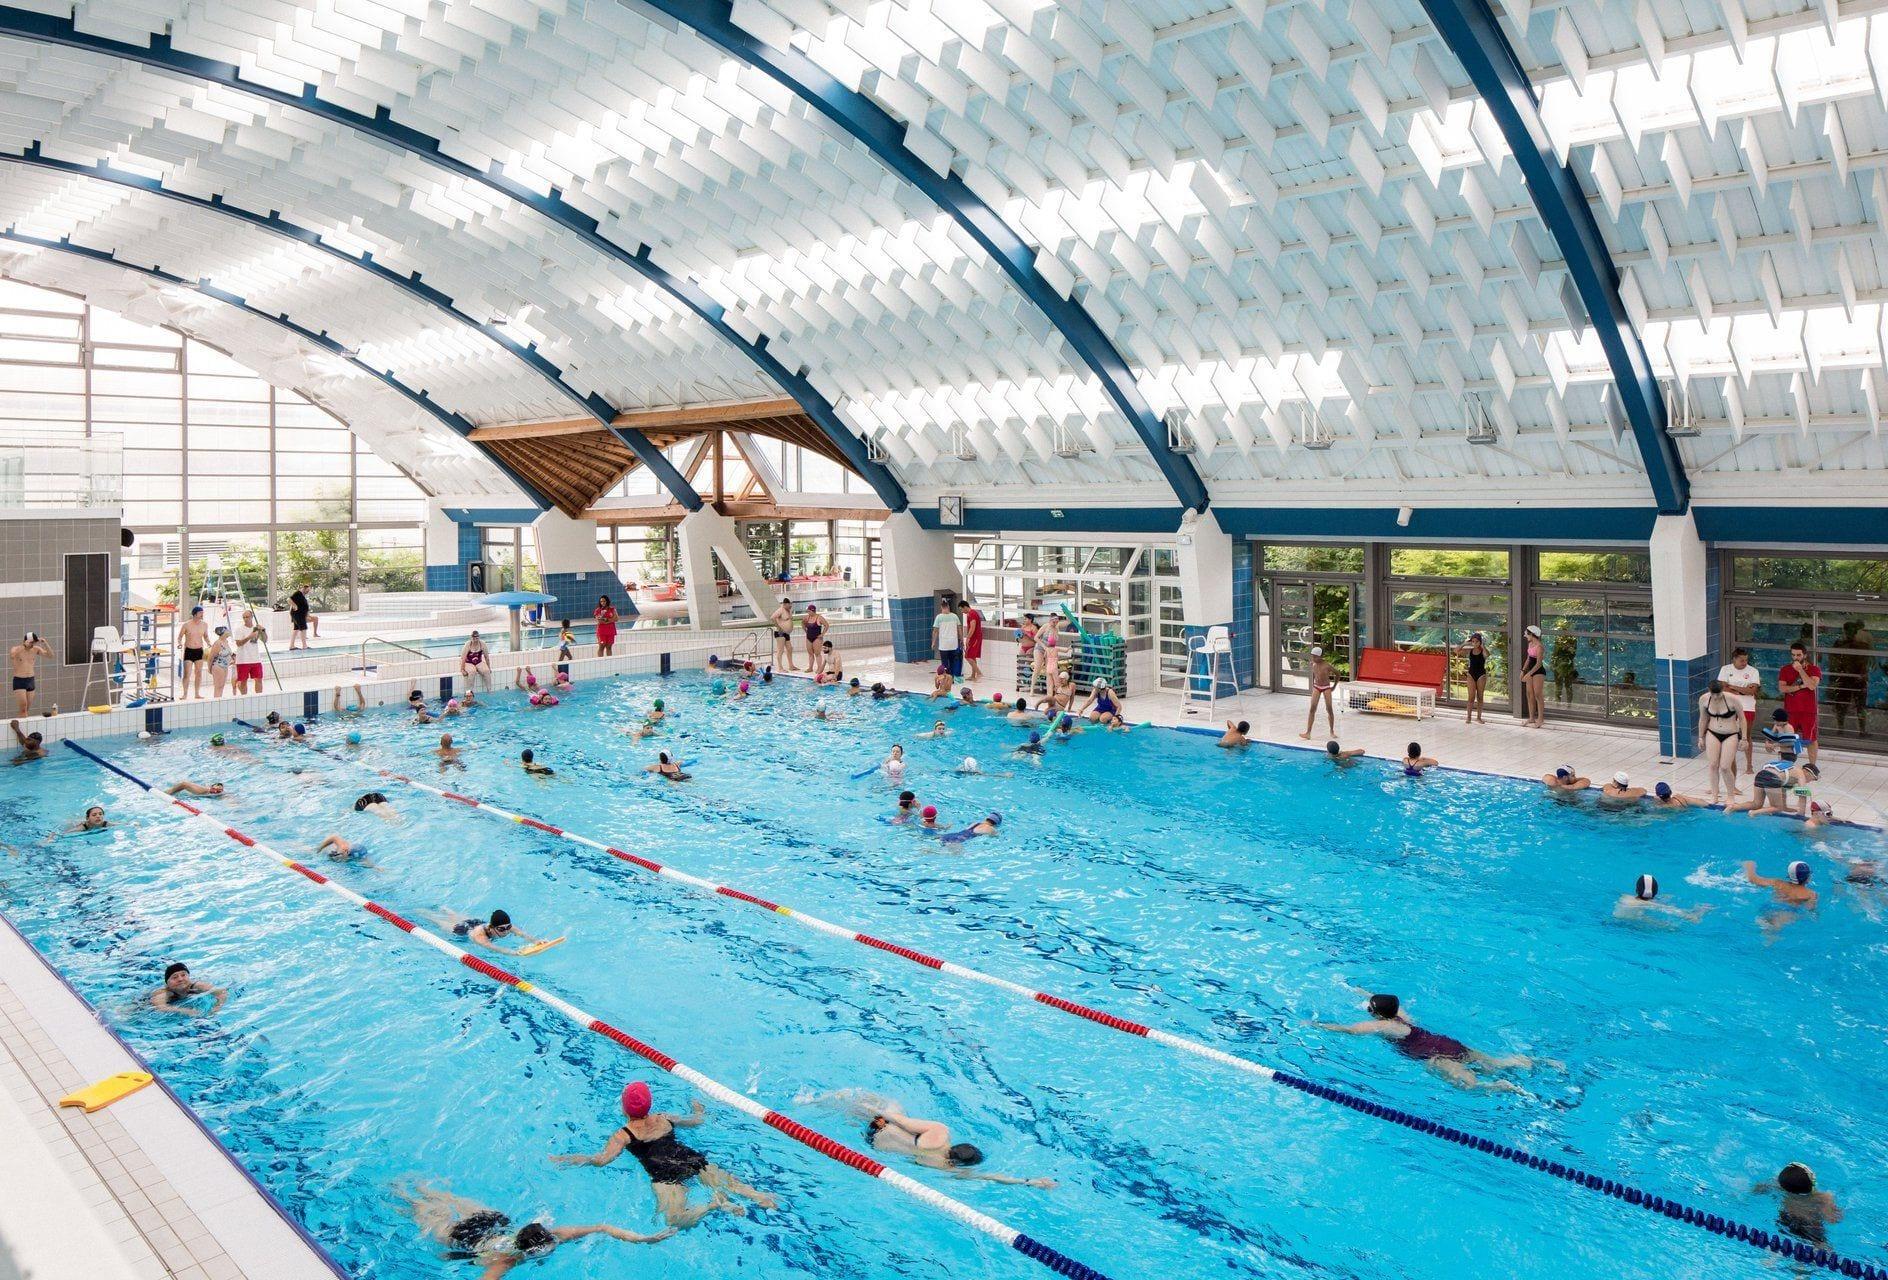 Le Centre Aquatique - Maisons-Alfort serapportantà Piscine Alfortville